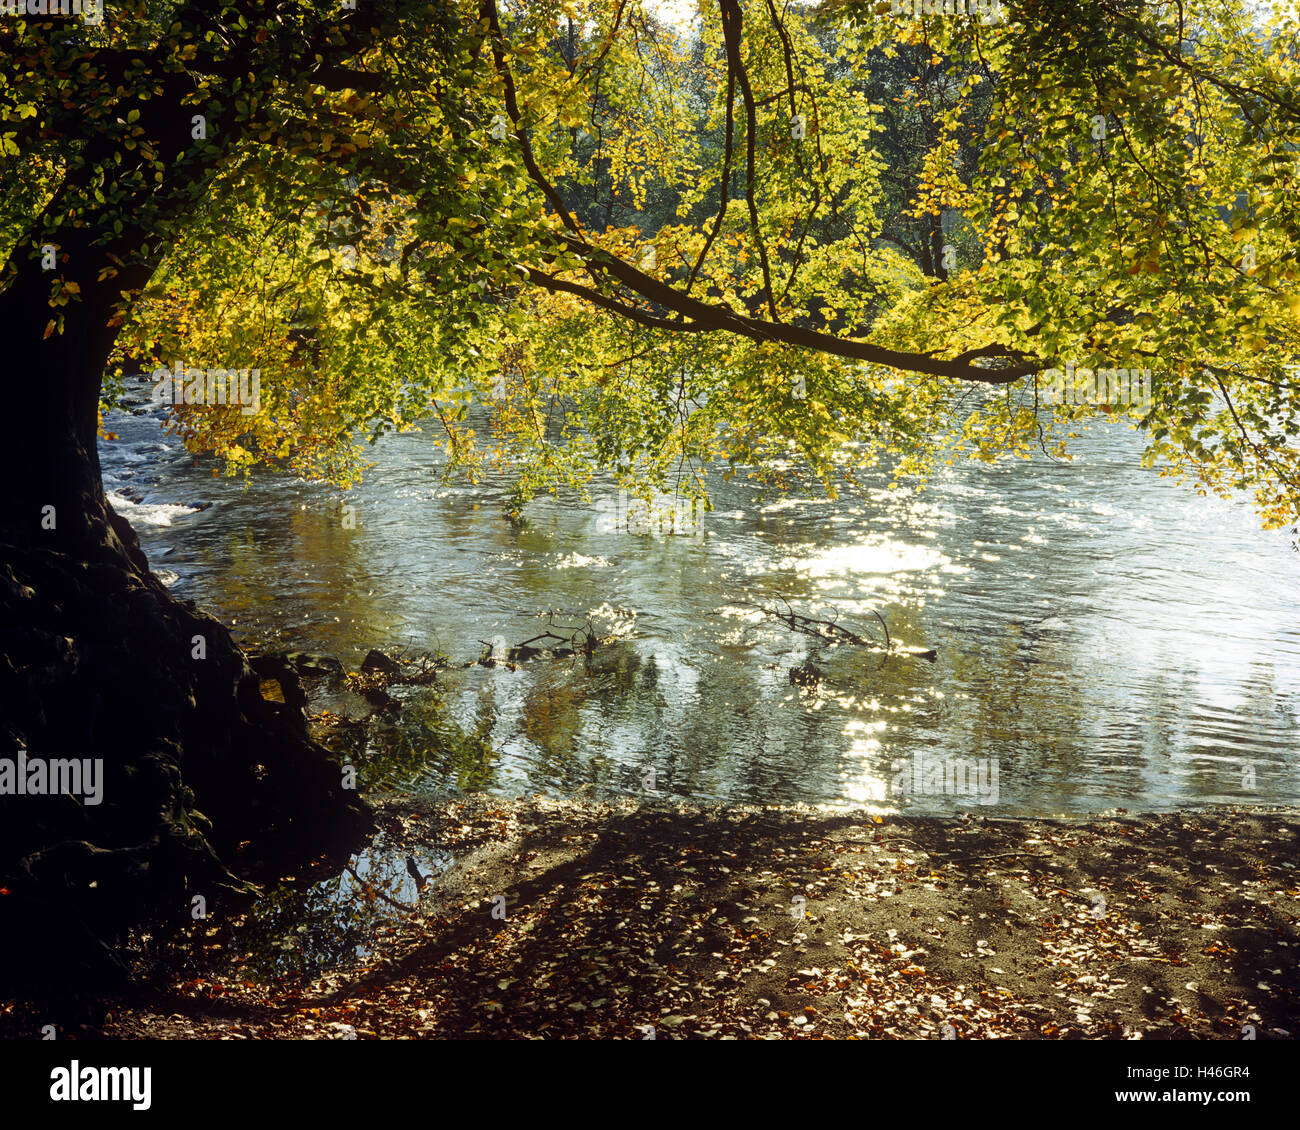 River Derwent near Hathersage - Stock Image